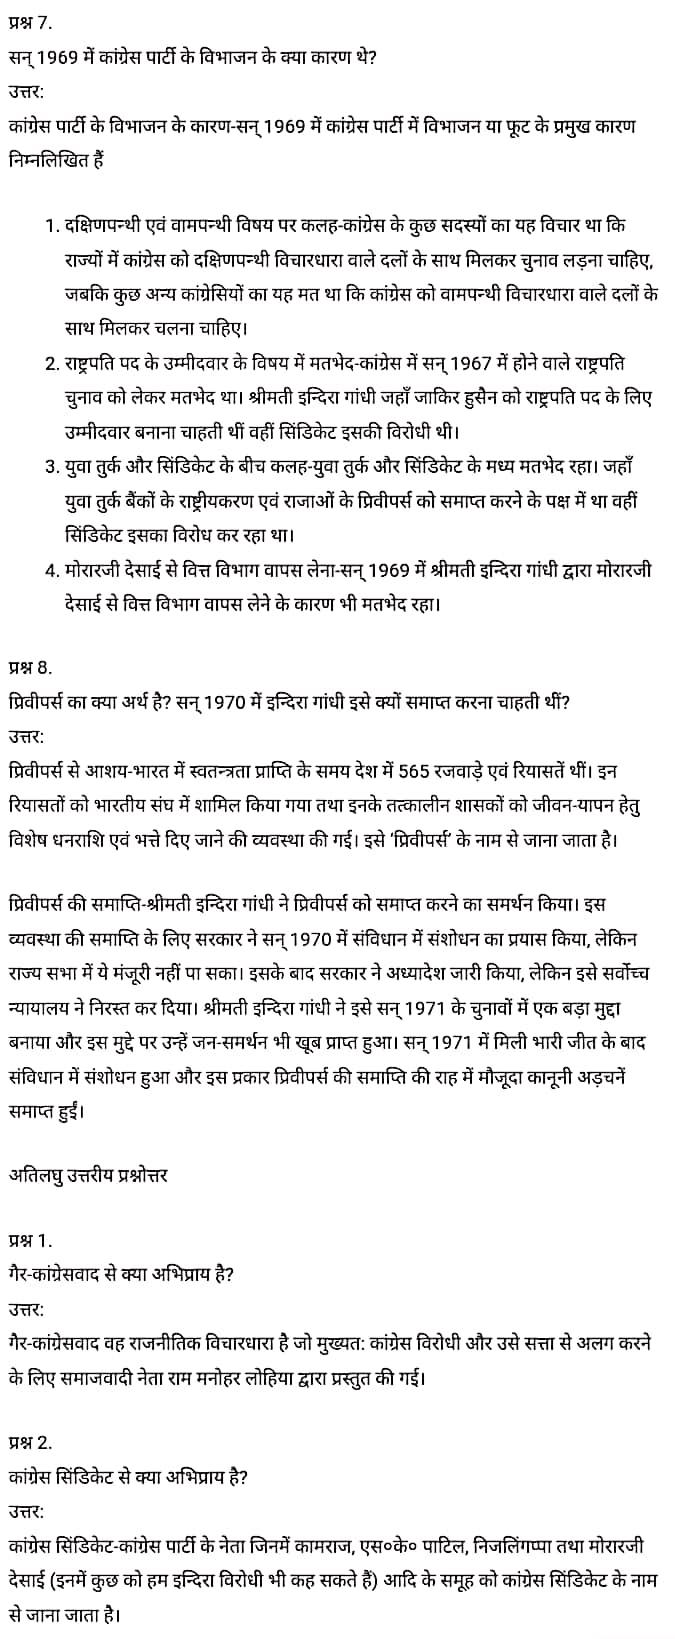 सिविक्स कक्षा 12 नोट्स pdf,  सिविक्स कक्षा 12 नोट्स 2020 NCERT,  सिविक्स कक्षा 12 PDF,  सिविक्स पुस्तक,  सिविक्स की बुक,  सिविक्स प्रश्नोत्तरी Class 12, 12 वीं सिविक्स पुस्तक RBSE,  बिहार बोर्ड 12 वीं सिविक्स नोट्स,   12th Civics book in hindi,12th Civics notes in hindi,cbse books for class 12,cbse books in hindi,cbse ncert books,class 12 Civics notes in hindi,class 12 hindi ncert solutions,Civics 2020,Civics 2021,Civics 2022,Civics book class 12,Civics book in hindi,Civics class 12 in hindi,Civics notes for class 12 up board in hindi,ncert all books,ncert app in hindi,ncert book solution,ncert books class 10,ncert books class 12,ncert books for class 7,ncert books for upsc in hindi,ncert books in hindi class 10,ncert books in hindi for class 12 Civics,ncert books in hindi for class 6,ncert books in hindi pdf,ncert class 12 hindi book,ncert english book,ncert Civics book in hindi,ncert Civics books in hindi pdf,ncert Civics class 12,ncert in hindi,old ncert books in hindi,online ncert books in hindi,up board 12th,up board 12th syllabus,up board class 10 hindi book,up board class 12 books,up board class 12 new syllabus,up Board Civics 2020,up Board Civics 2021,up Board Civics 2022,up Board Civics 2023,up board intermediate Civics syllabus,up board intermediate syllabus 2021,Up board Master 2021,up board model paper 2021,up board model paper all subject,up board new syllabus of class 12th Civics,up board paper 2021,Up board syllabus 2021,UP board syllabus 2022,  12 veen kee siviks kee kitaab hindee mein, 12 veen kee siviks kee nots hindee mein, 12 veen kaksha kee seebeeesasee kee kitaaben, hindee kee seebeeesasee kee kitaaben, seebeeesasee kee enaseeaaratee kee kitaaben, 12 kee kaksha kee siviks kee nots hindee mein, 12 veen kee kaksha kee hindee kee nats kee solvaints, 2020 kee siviks kee 2020, siviks kee 2022, sivik kee seeviks buk klaas 12, siviks buk in hindee, sivik klaas 12 hindee mein, siviks nots in klaas 12 ap bord in hindee, nchairt all books, nchairt app in